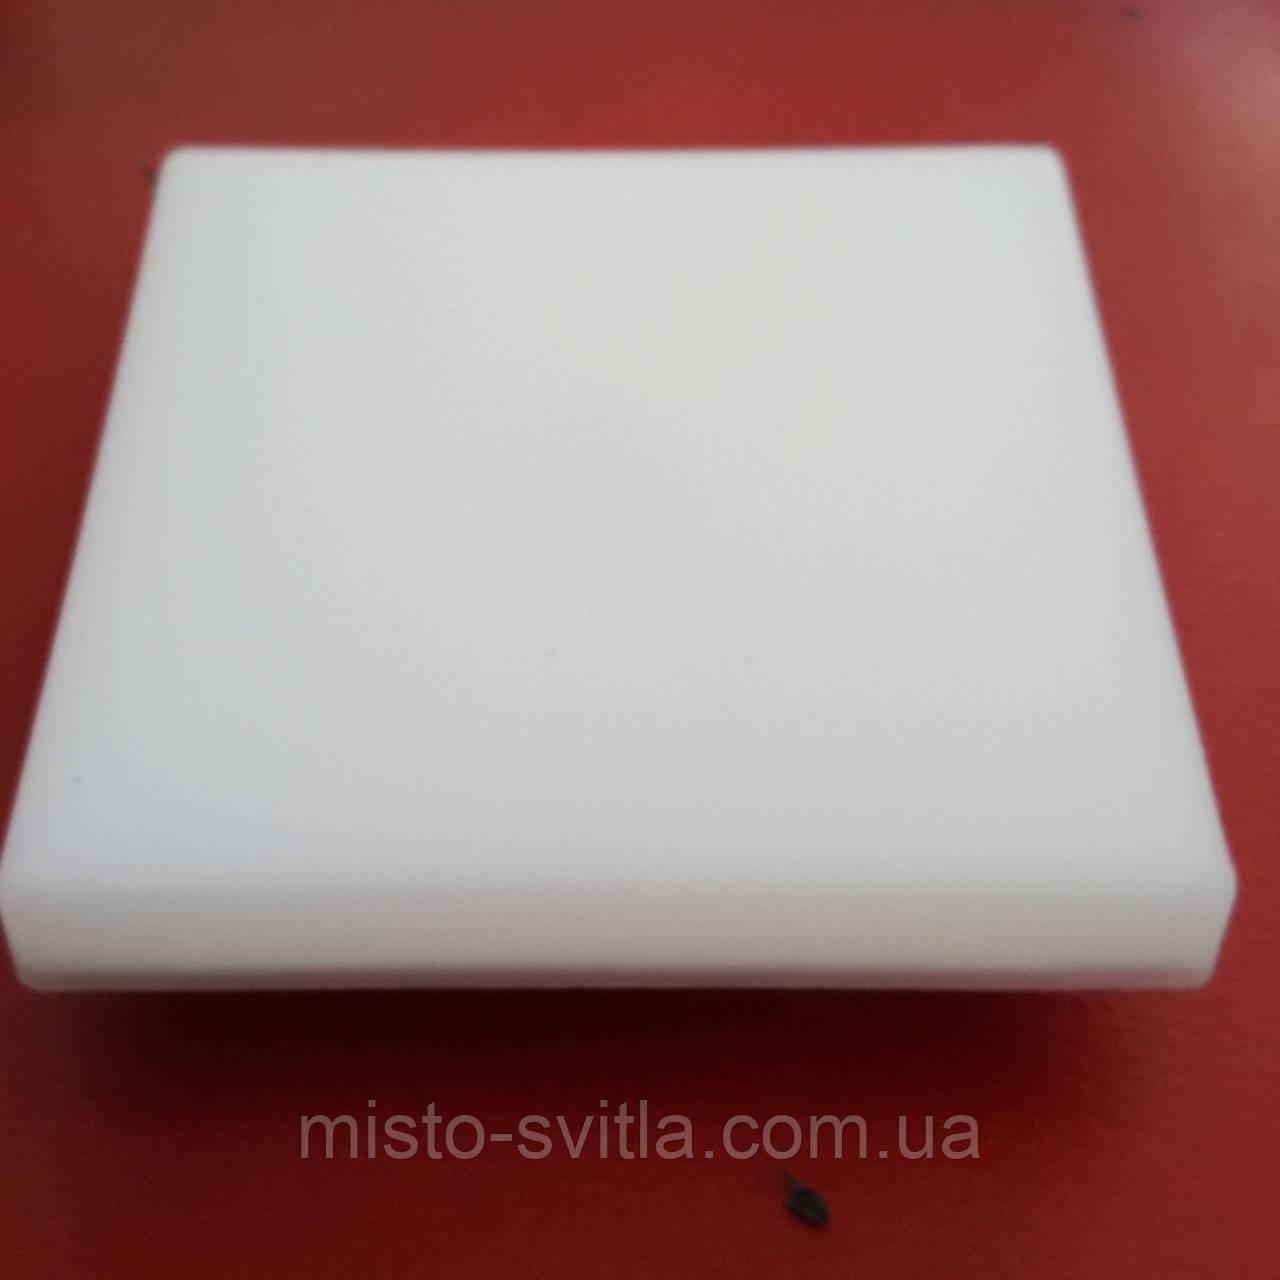 LED cветильник 18W UNI-S-18W квадрат 5000K